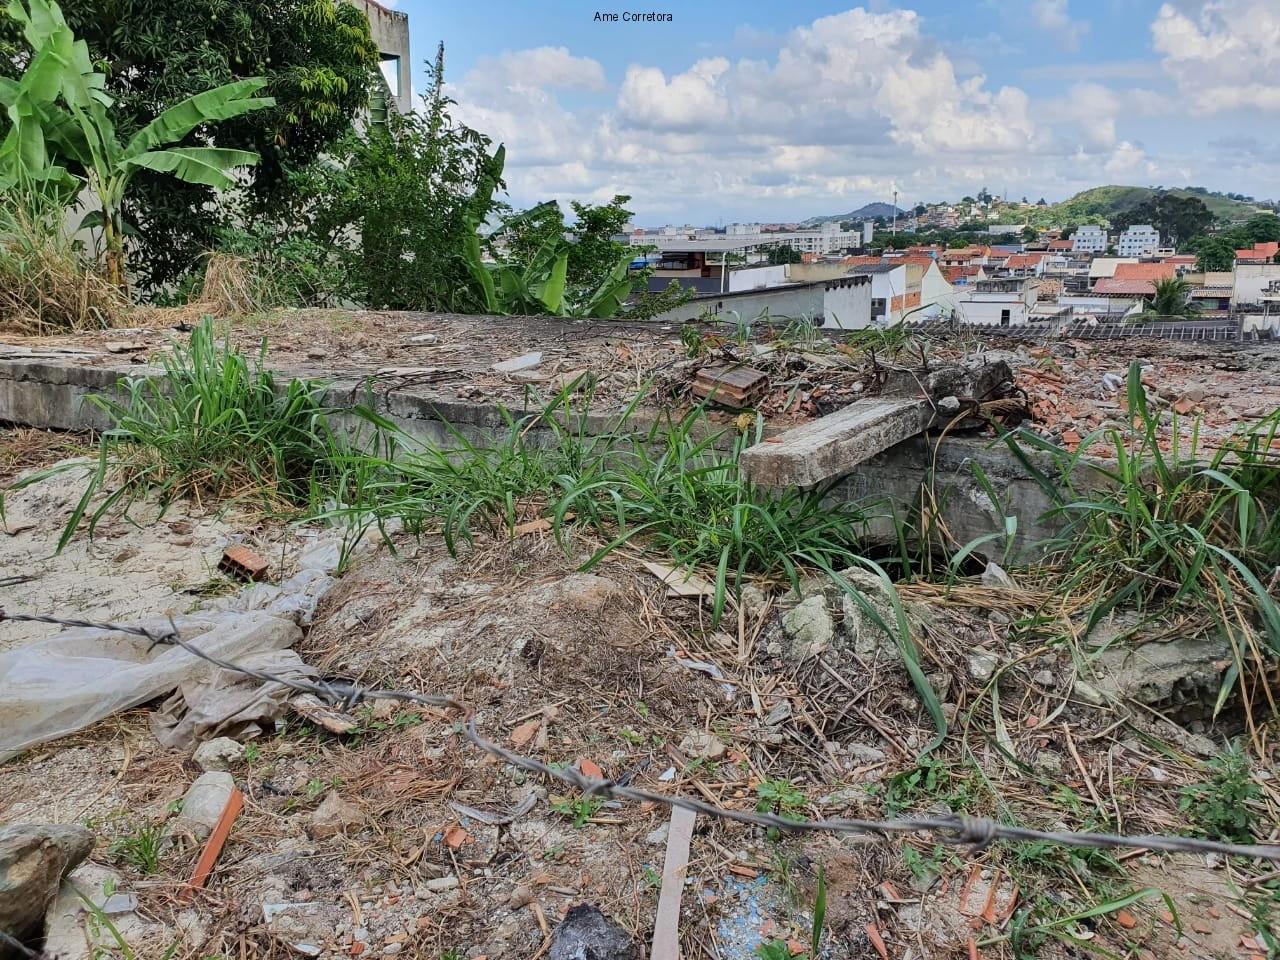 FOTO 06 - Terreno Residencial à venda Rio de Janeiro,RJ - R$ 110.000 - TE00050 - 6